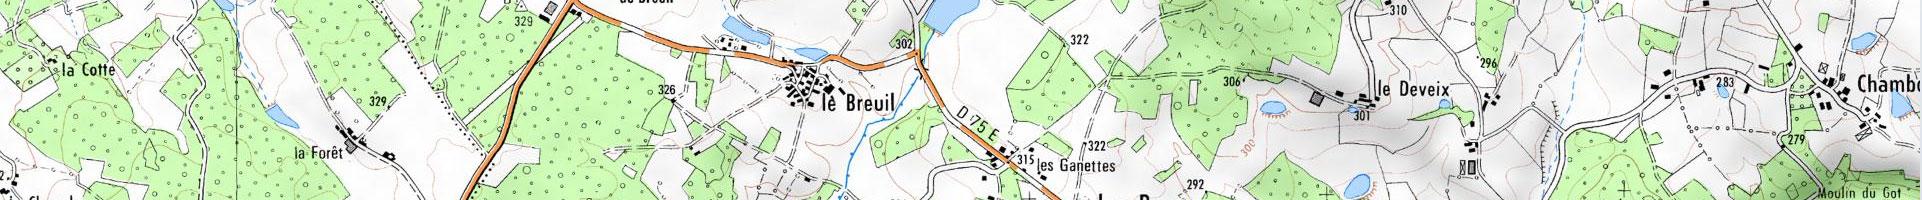 Carte topographique IGN 3e niveau d'agrandissement